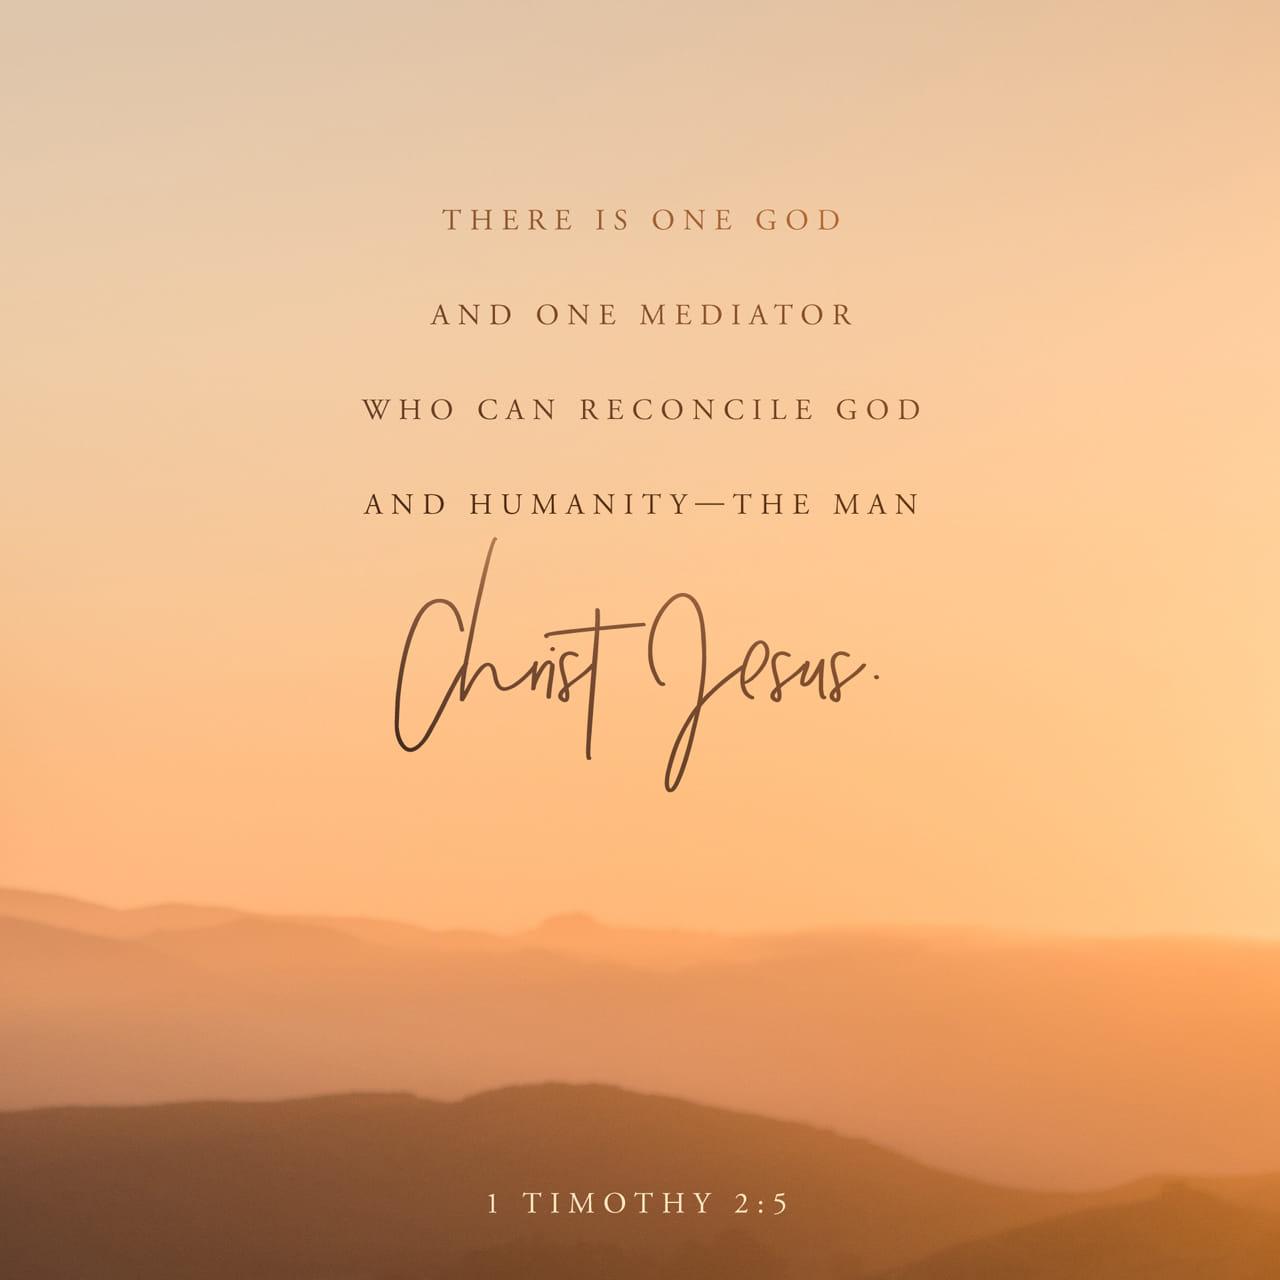 1 Timoteo 2:5 Pues, Hay un Dios y un Mediador que puede reconciliar a la humanidad con Dios, y es el hombre Cristo Jesús. | Nueva Traducción Viviente (NTV)